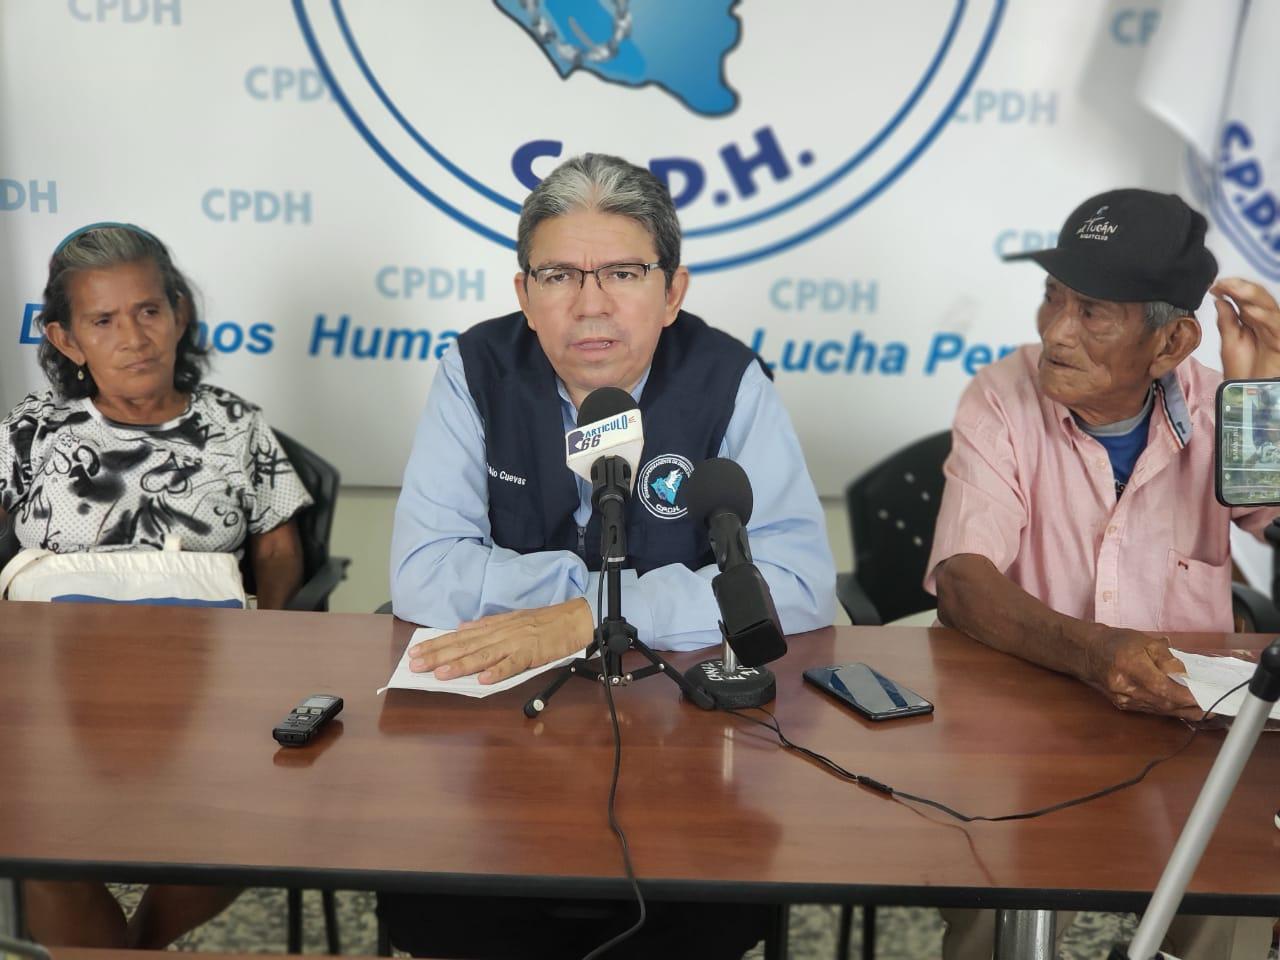 Pablo Cuevas asesor legal de la CPDH. Foto: Geovanny Shiffman/Artículo 66